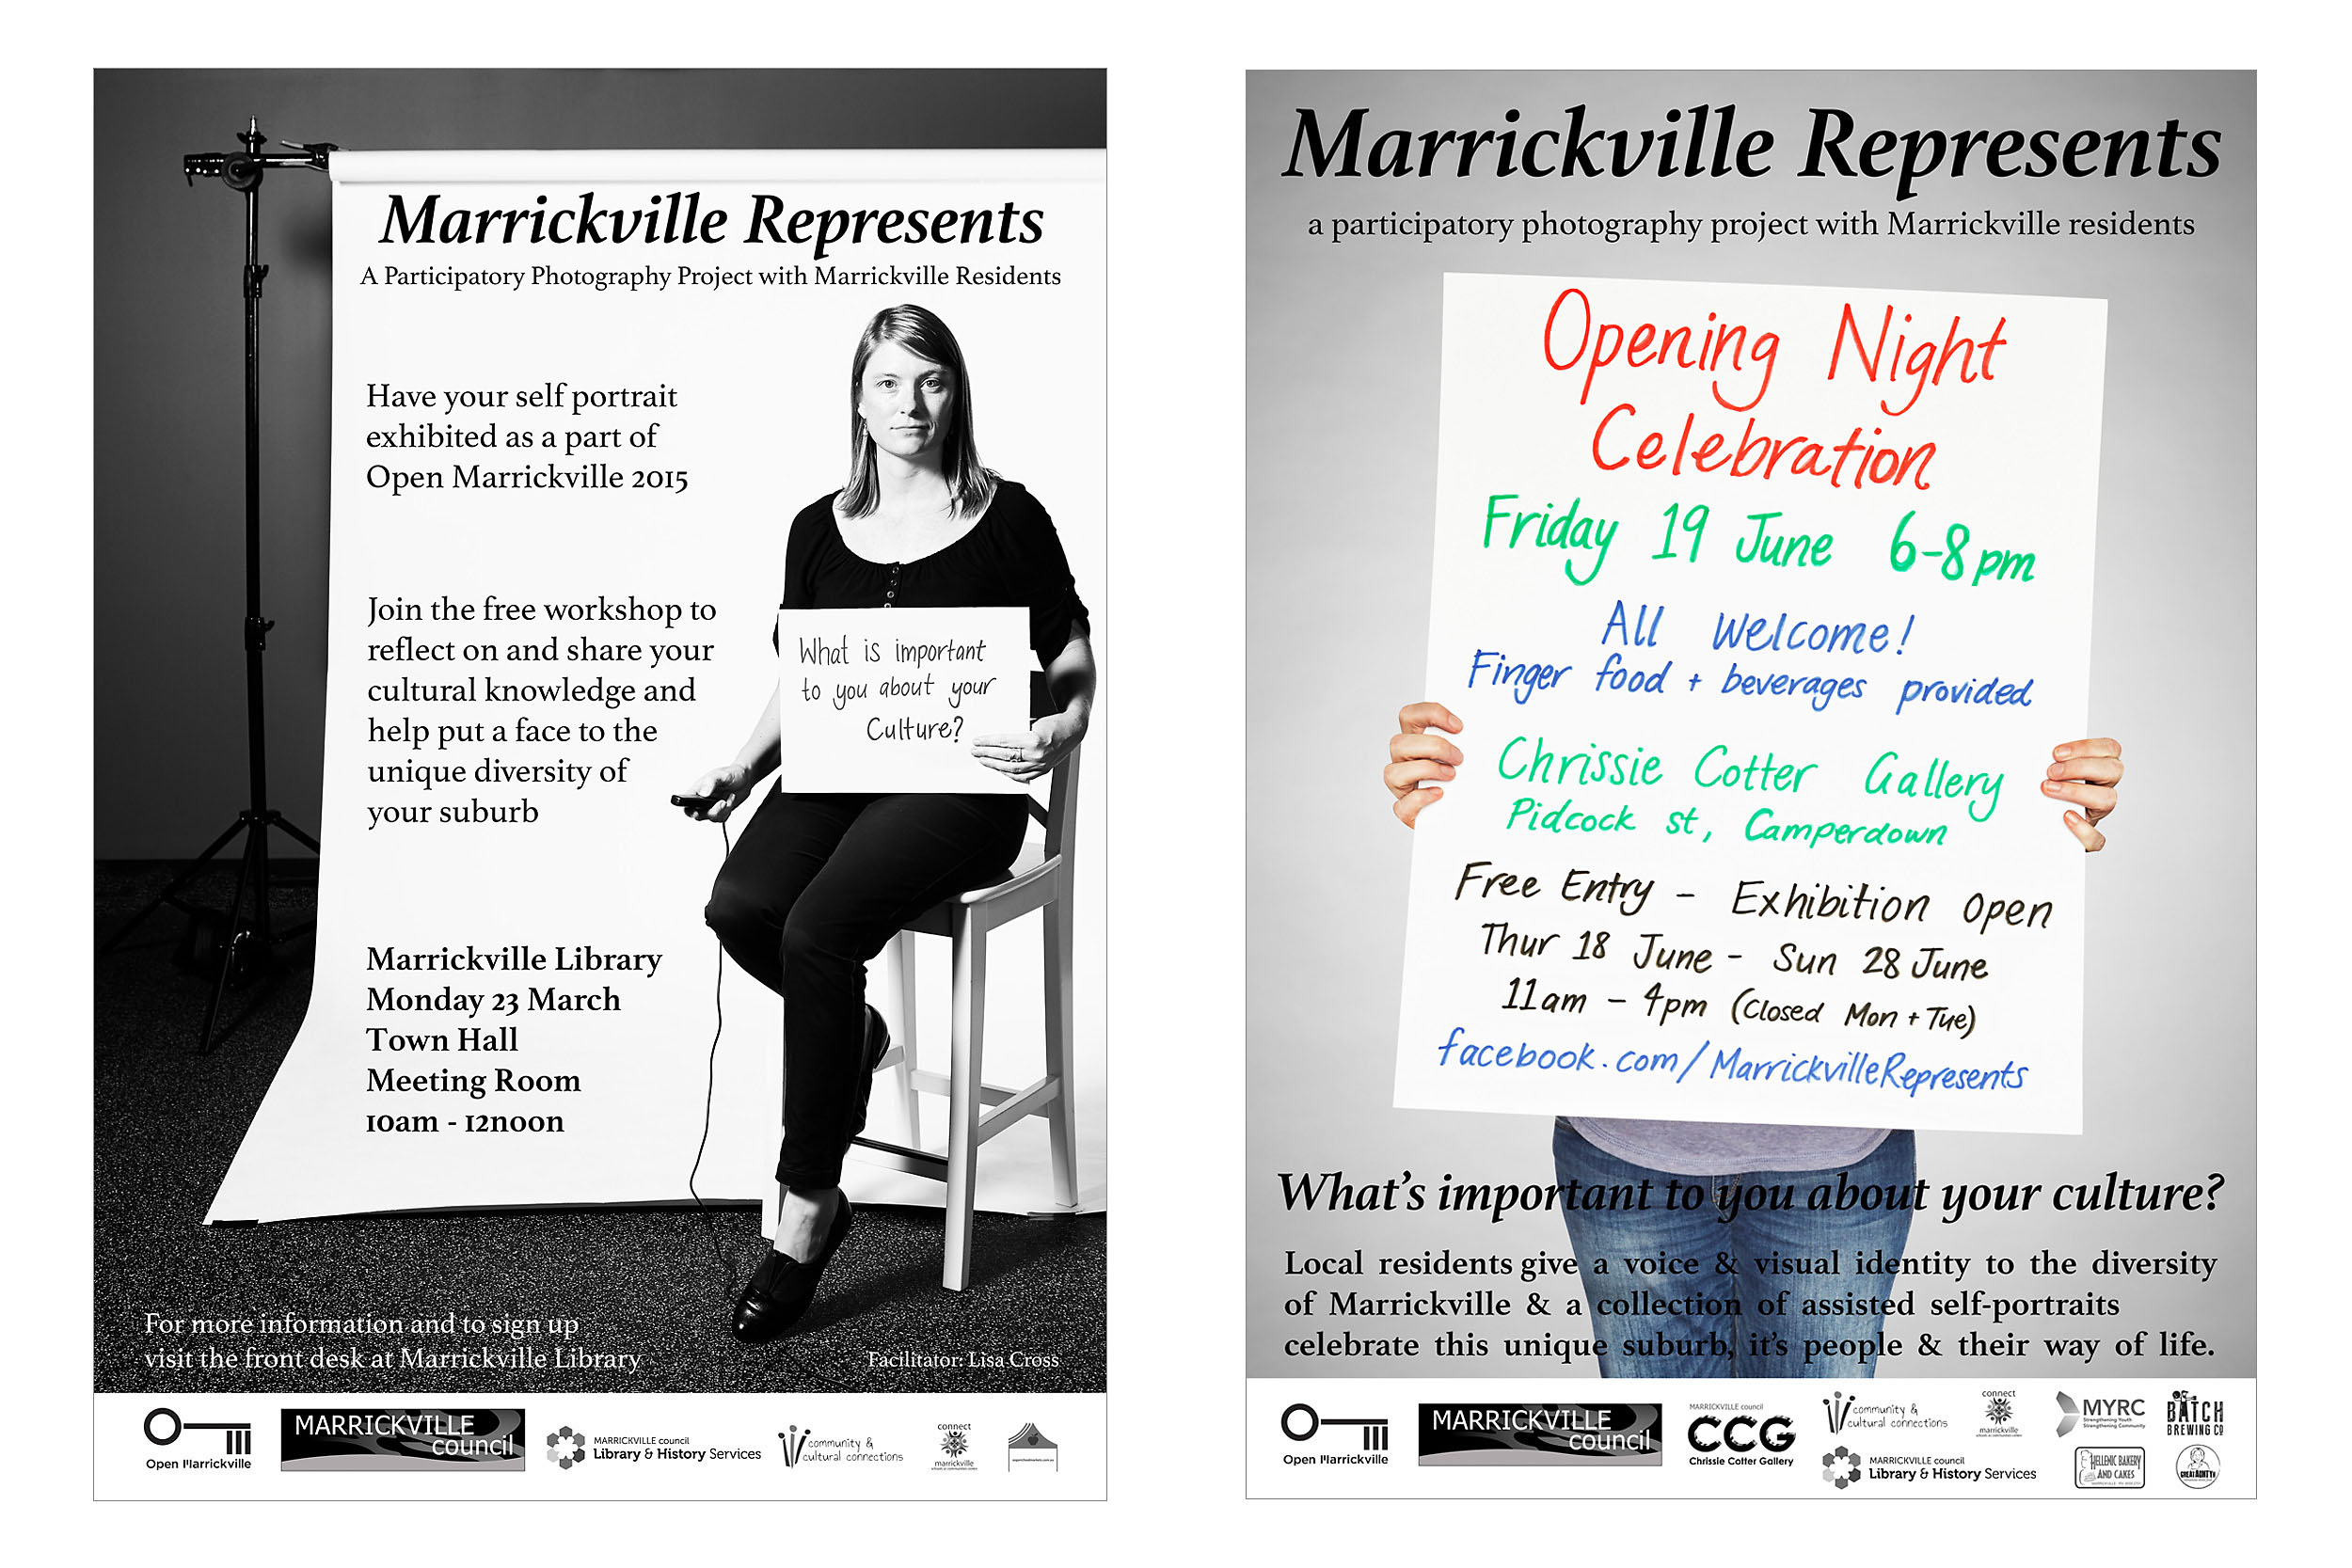 Open_Marrickville_Promo_Material.jpg